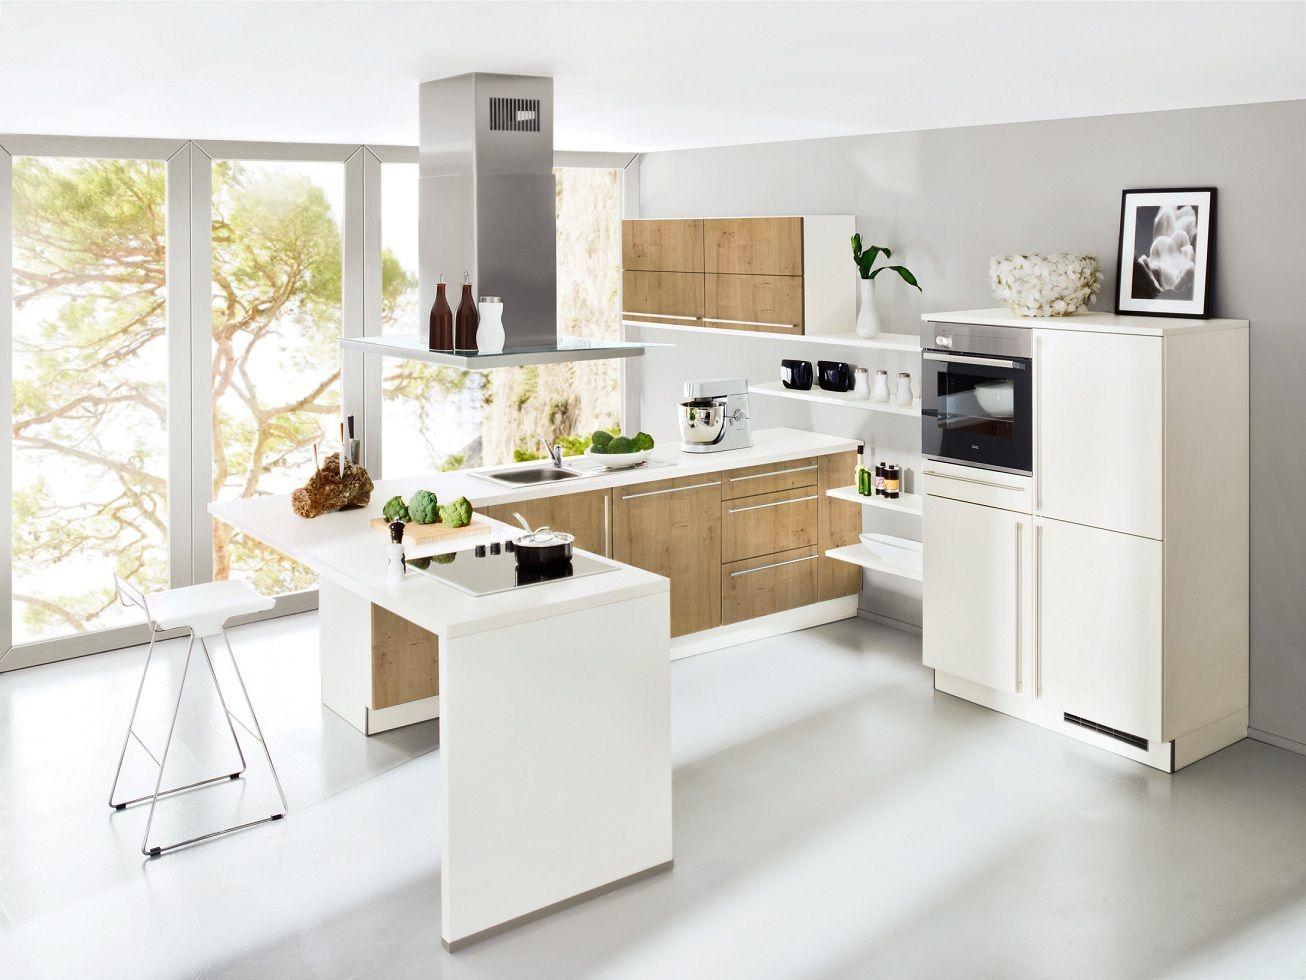 NOLTE KÜCHEN Küchen Paradies